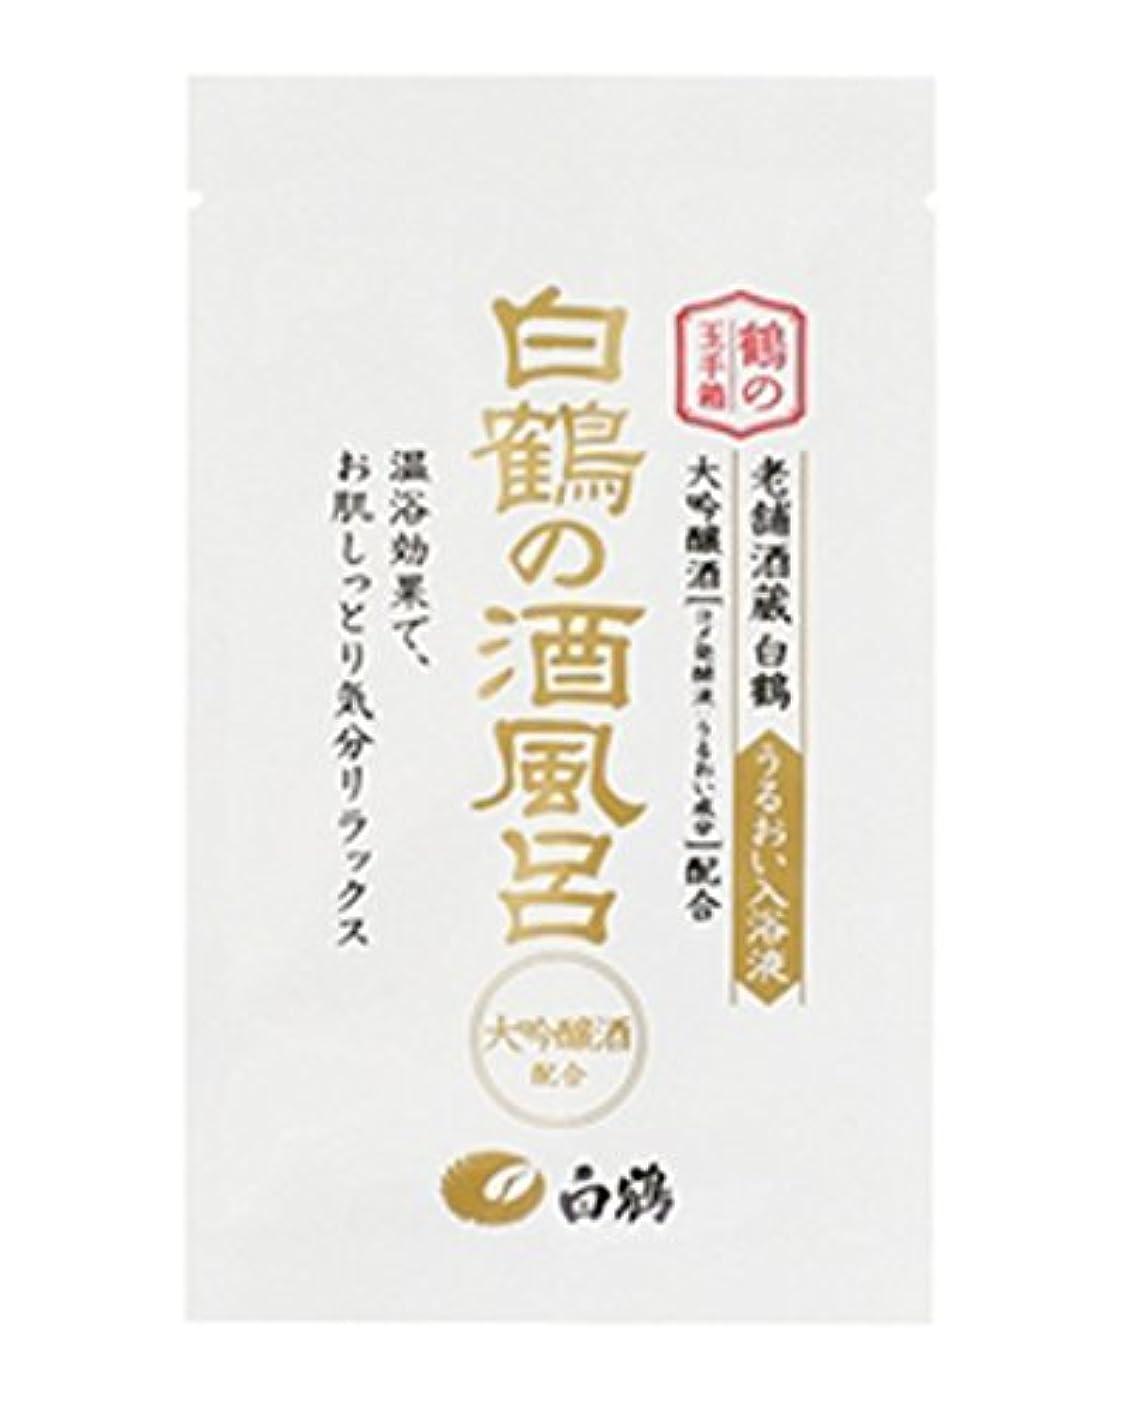 包帯活性化する歩き回る白鶴の酒風呂 大吟醸酒配合 25ml(入浴剤)